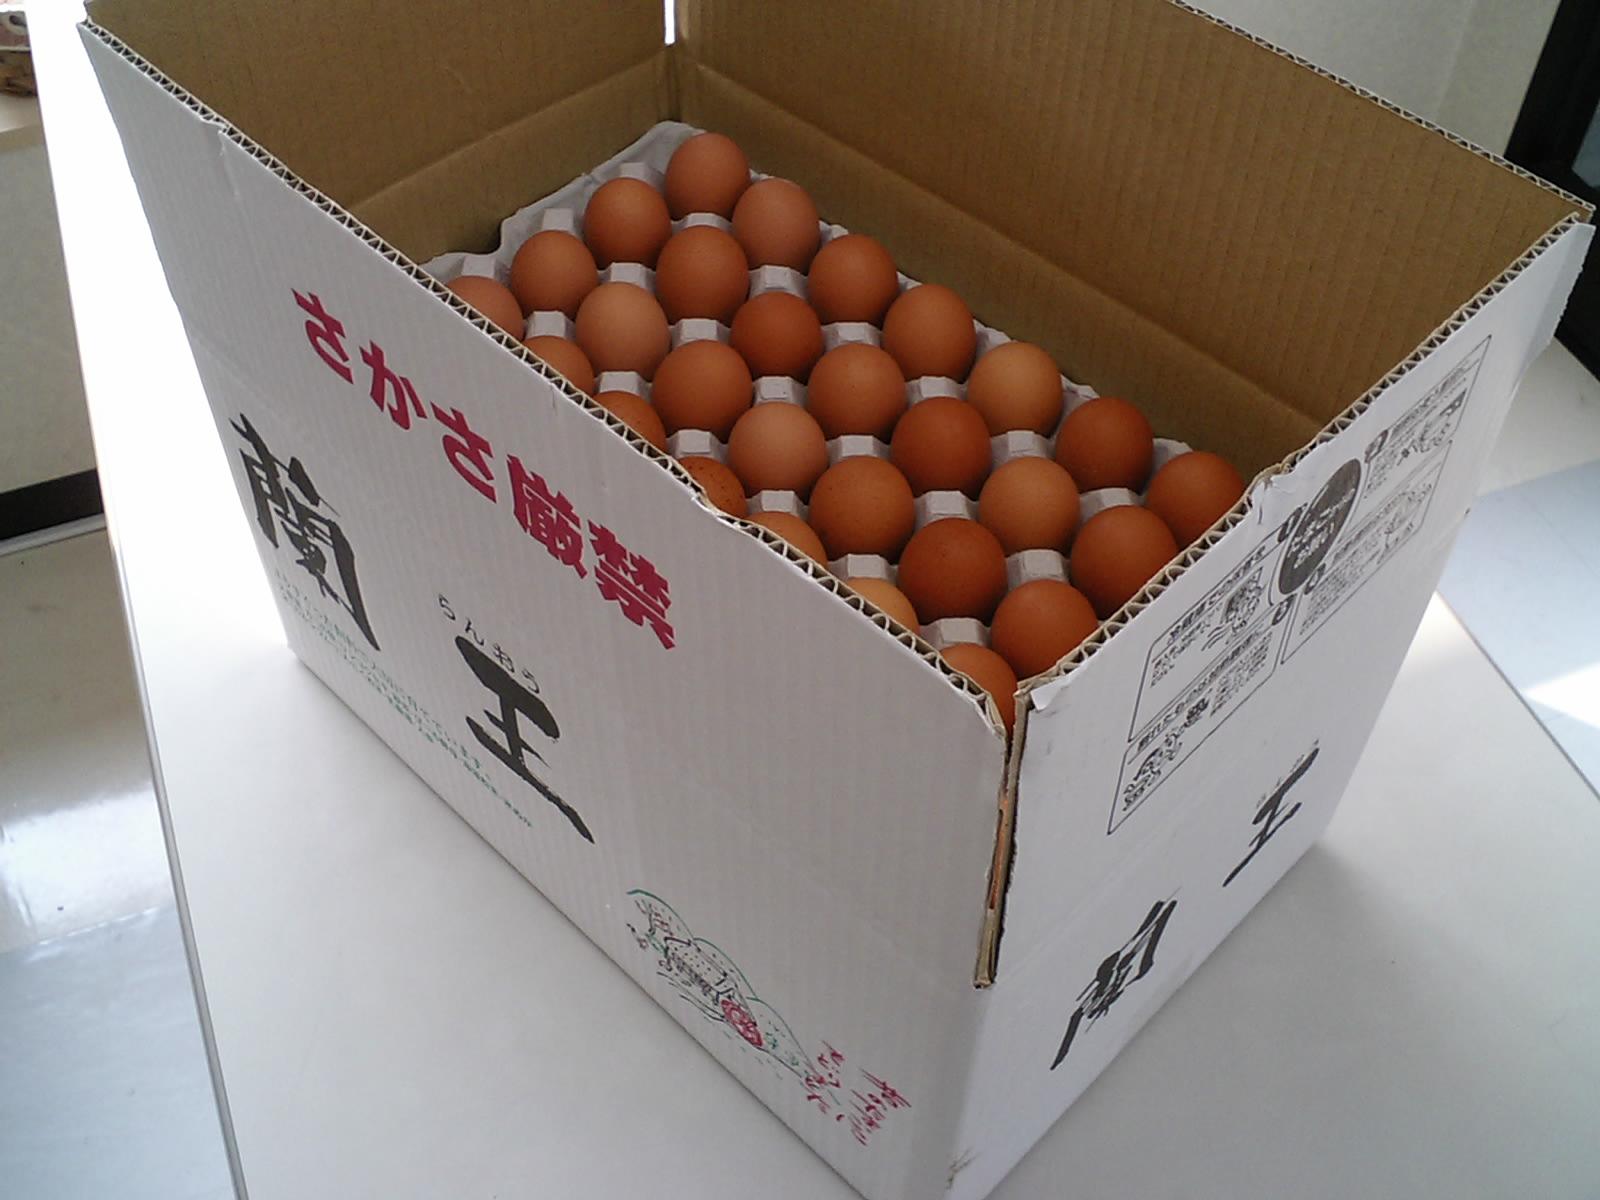 こだわりたまご蘭王 Lサイズ ◆セール特価品◆ 10kg 103個~116個 破損保障40個 卵 実物 鮮やかな濃いオレンジ色の卵黄色 たまご 新鮮